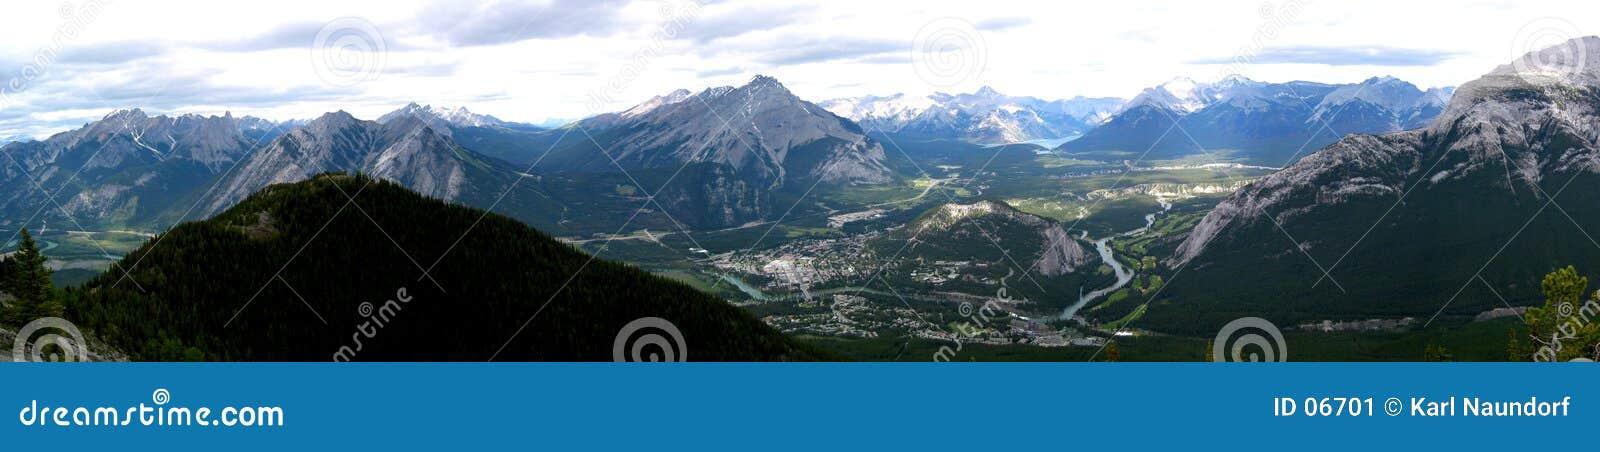 Panoramische de Berg van Townsite van Banff